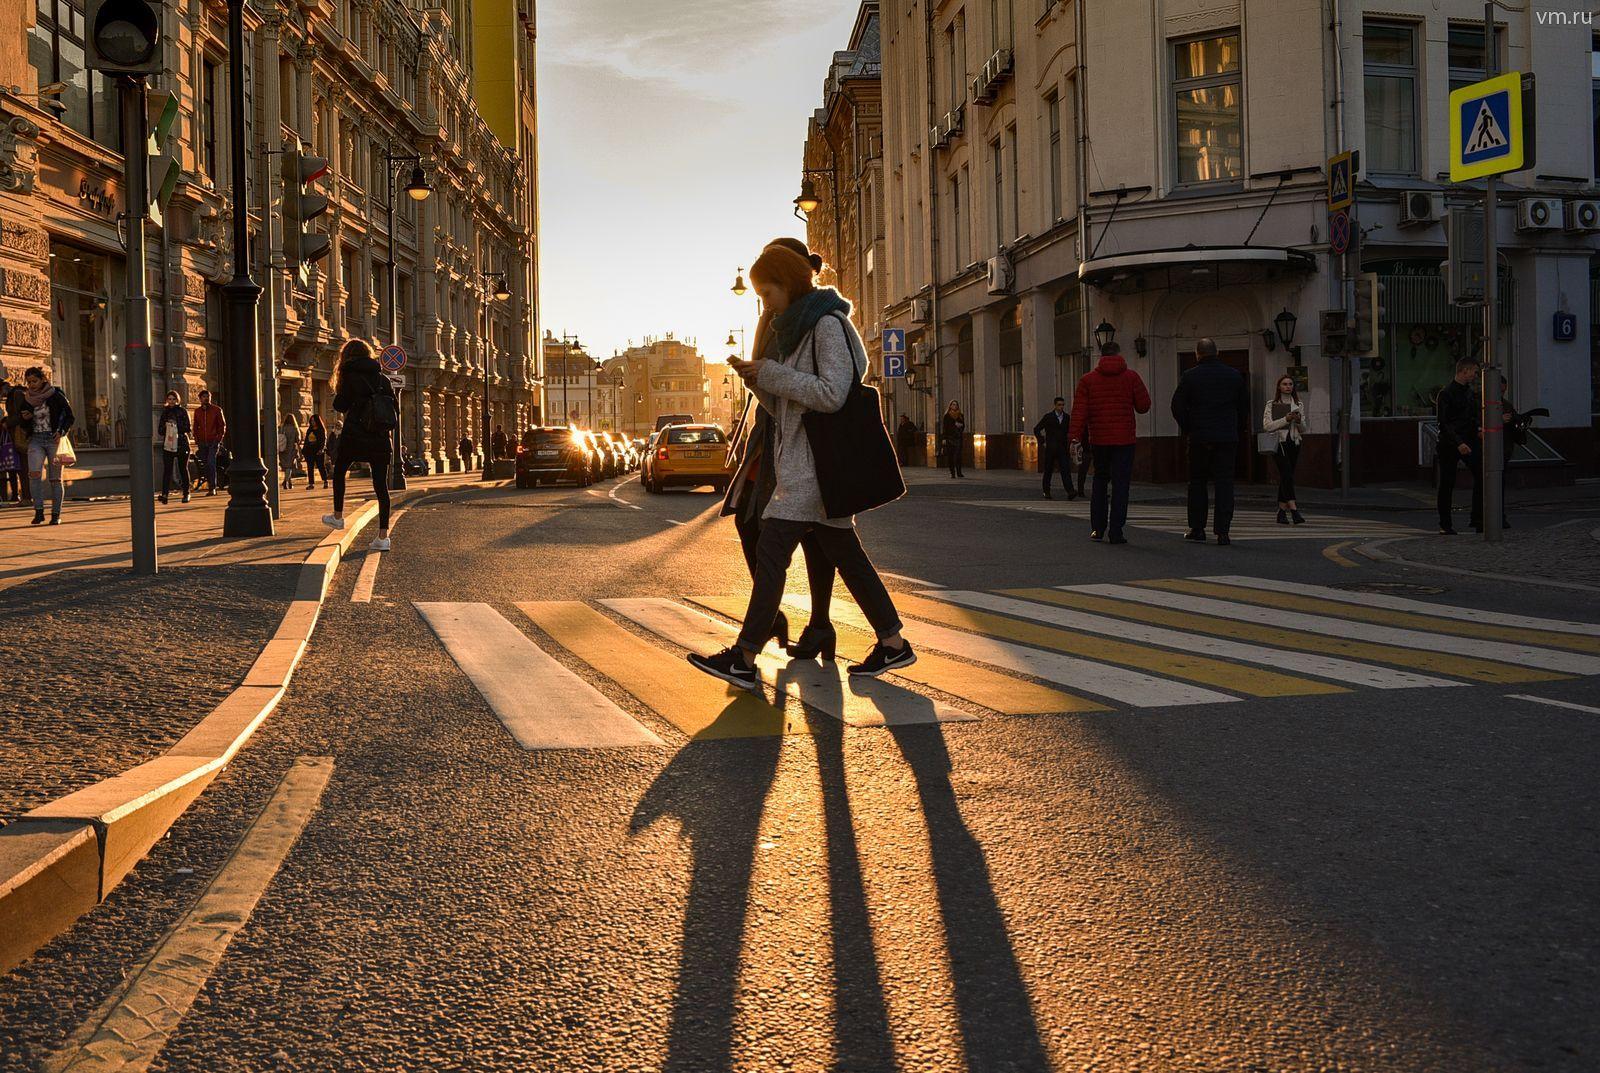 Камеры видеонаблюдения появятся на пешеходных переходах